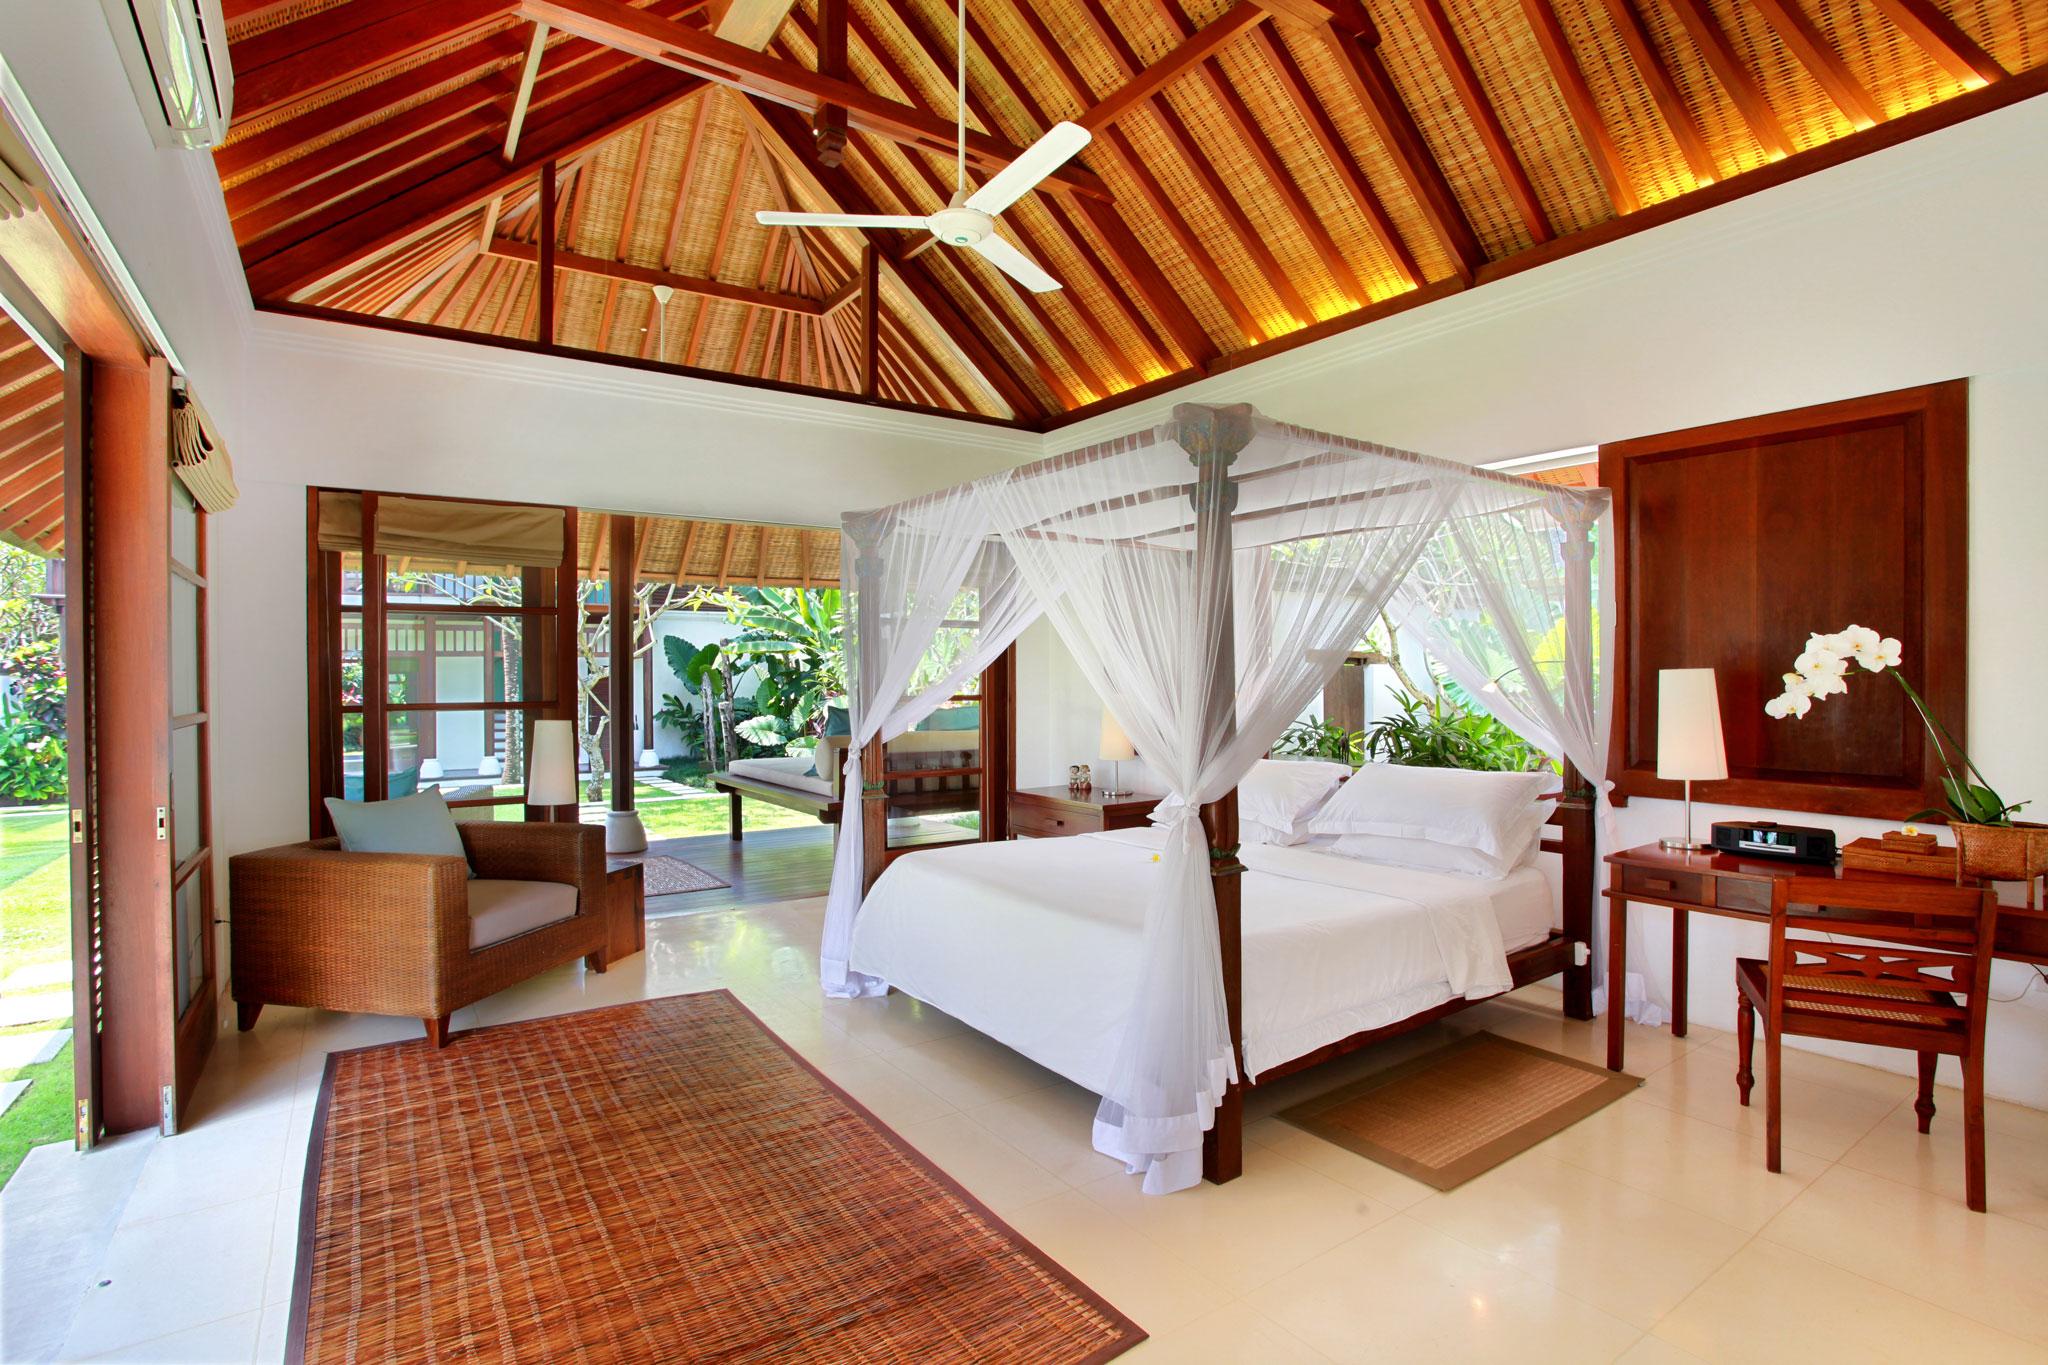 villa-kemah-tinggi-umah-bedroom-7074